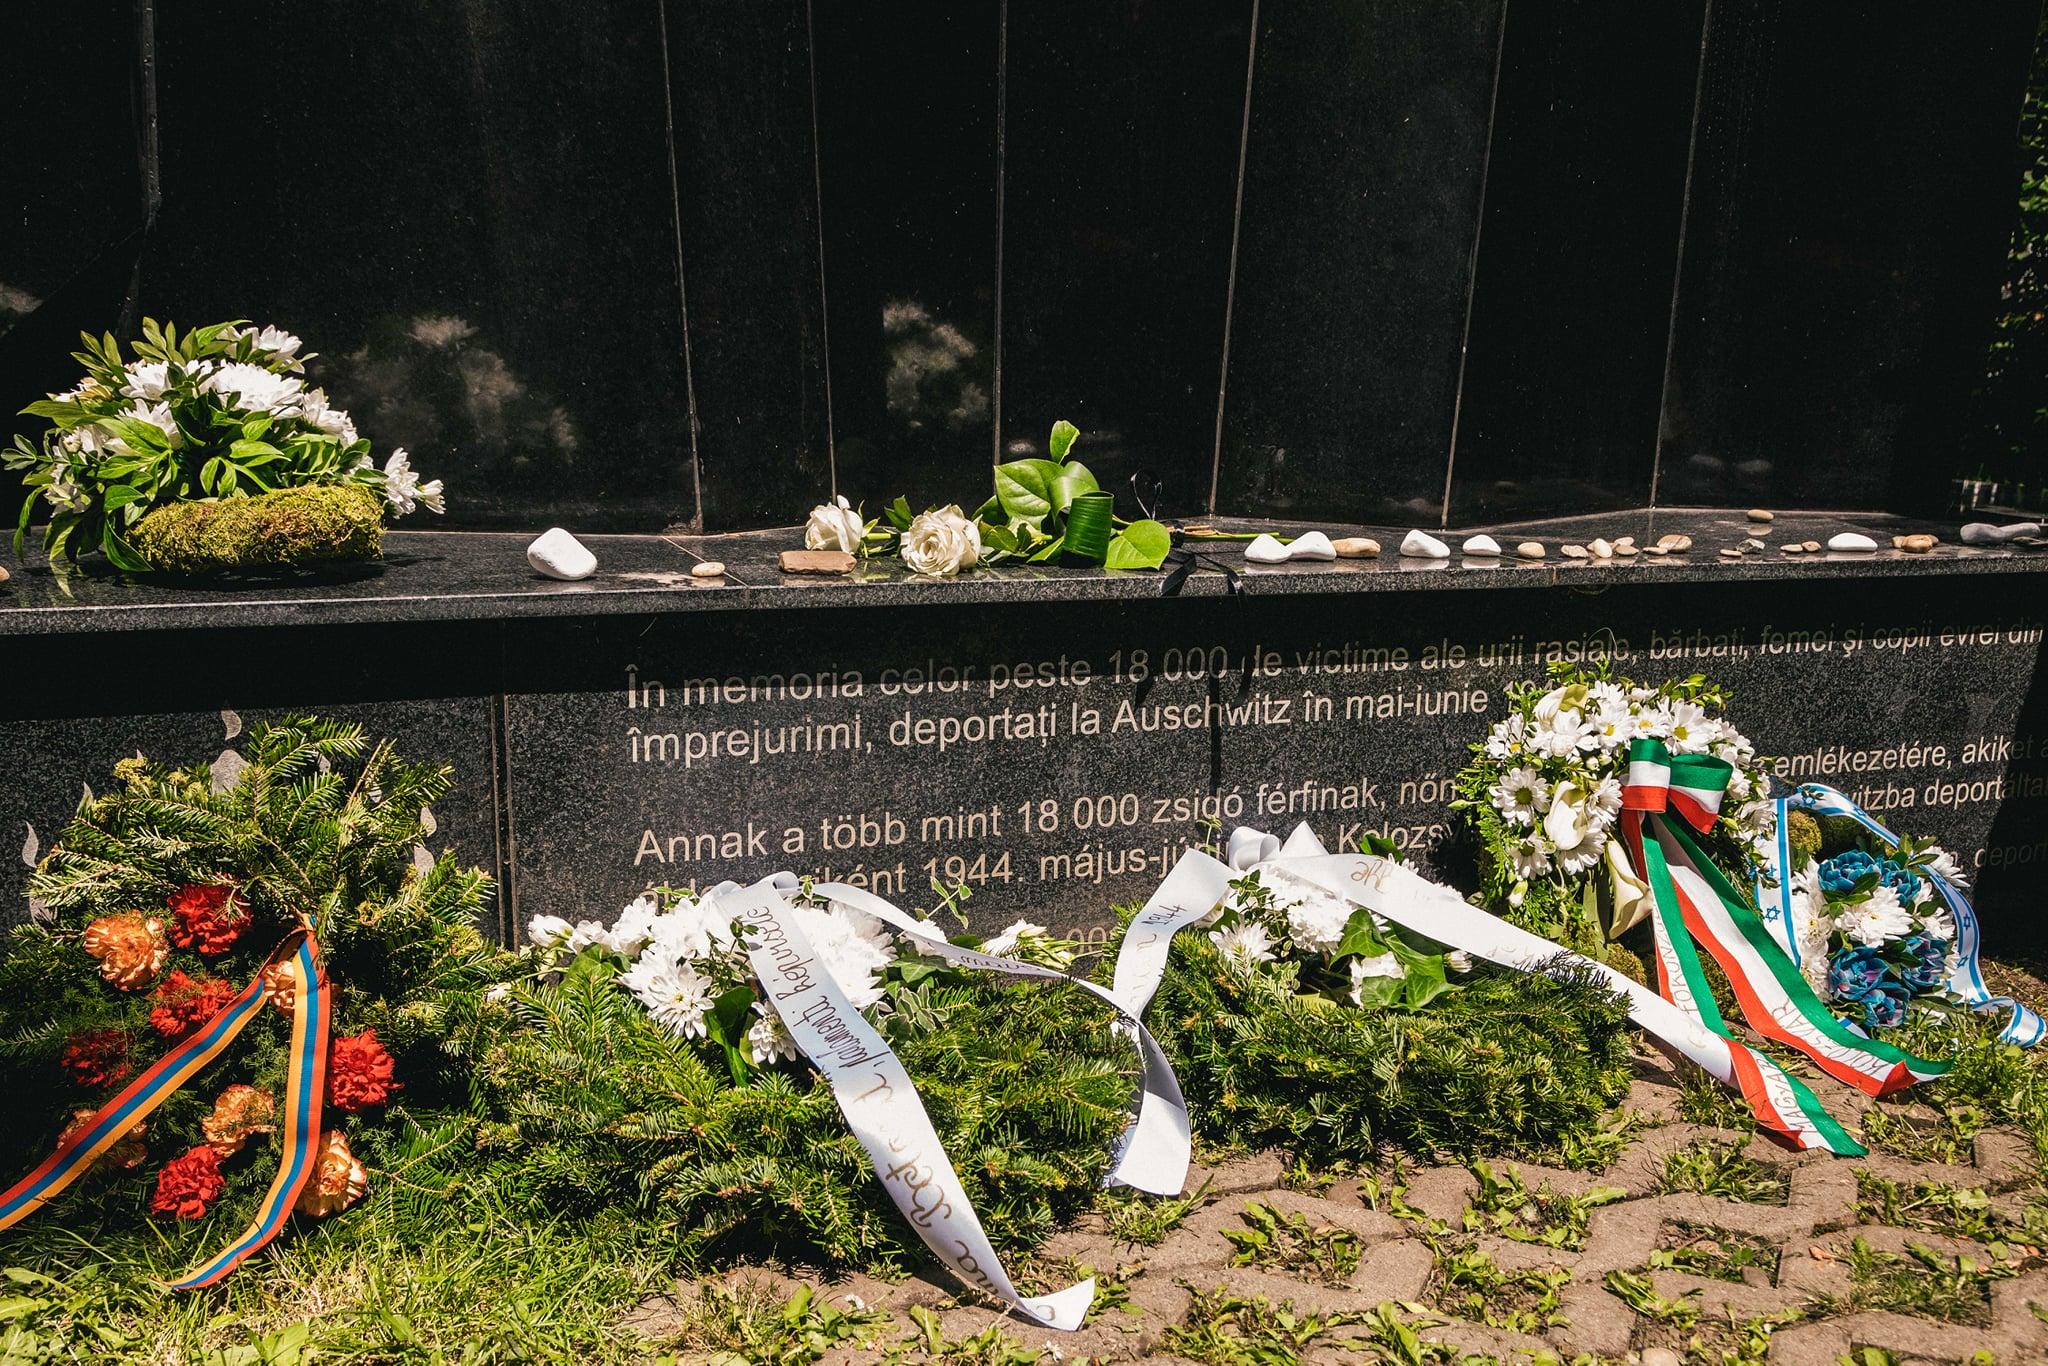 Kolozsvár haláltáborokba deportált zsidó lakosságáról emlékeztek meg